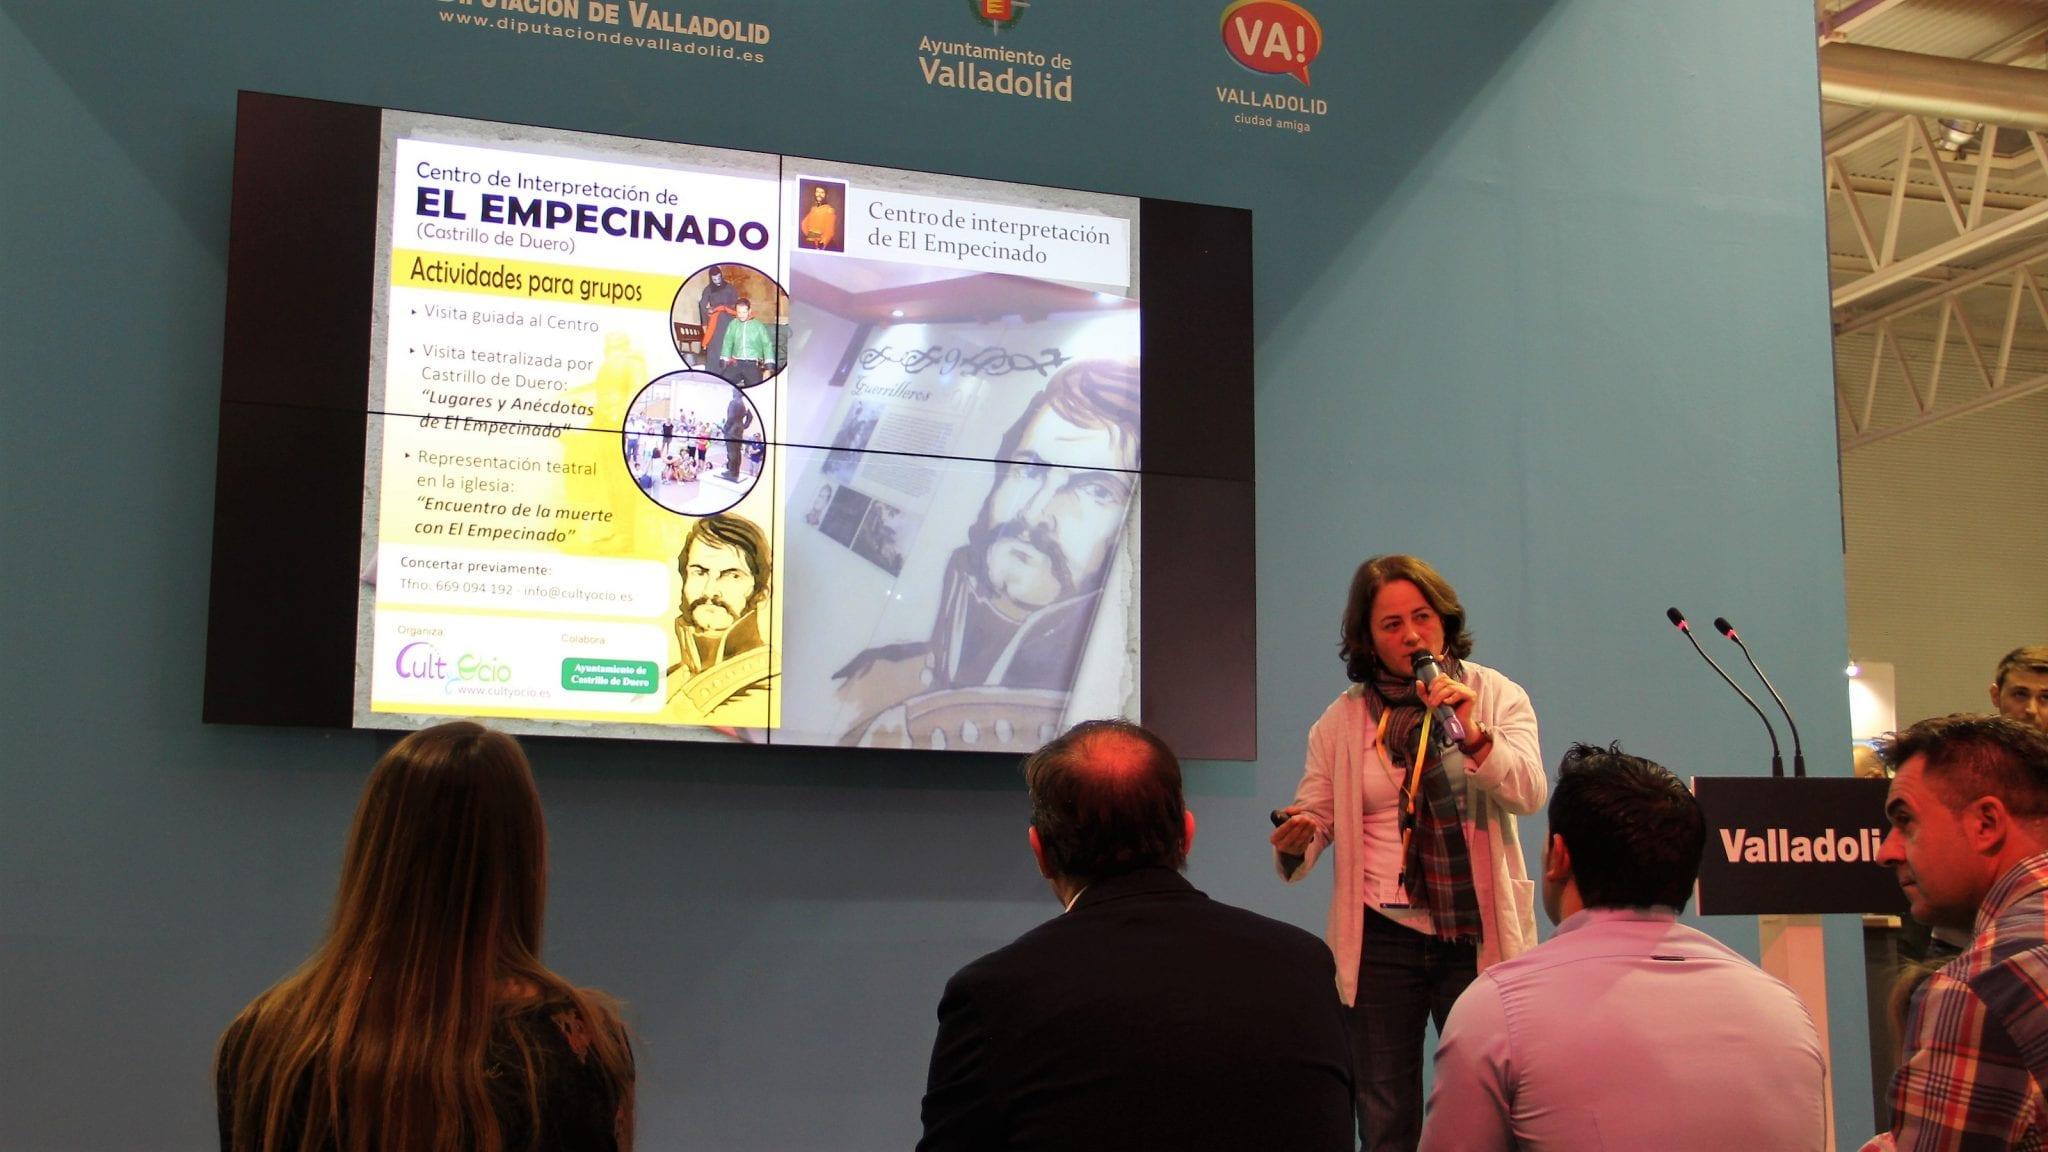 Promoción del Centro de Interpretación de El Empecinado en el stand de la Diputación de Valladolid (Intur 2017)